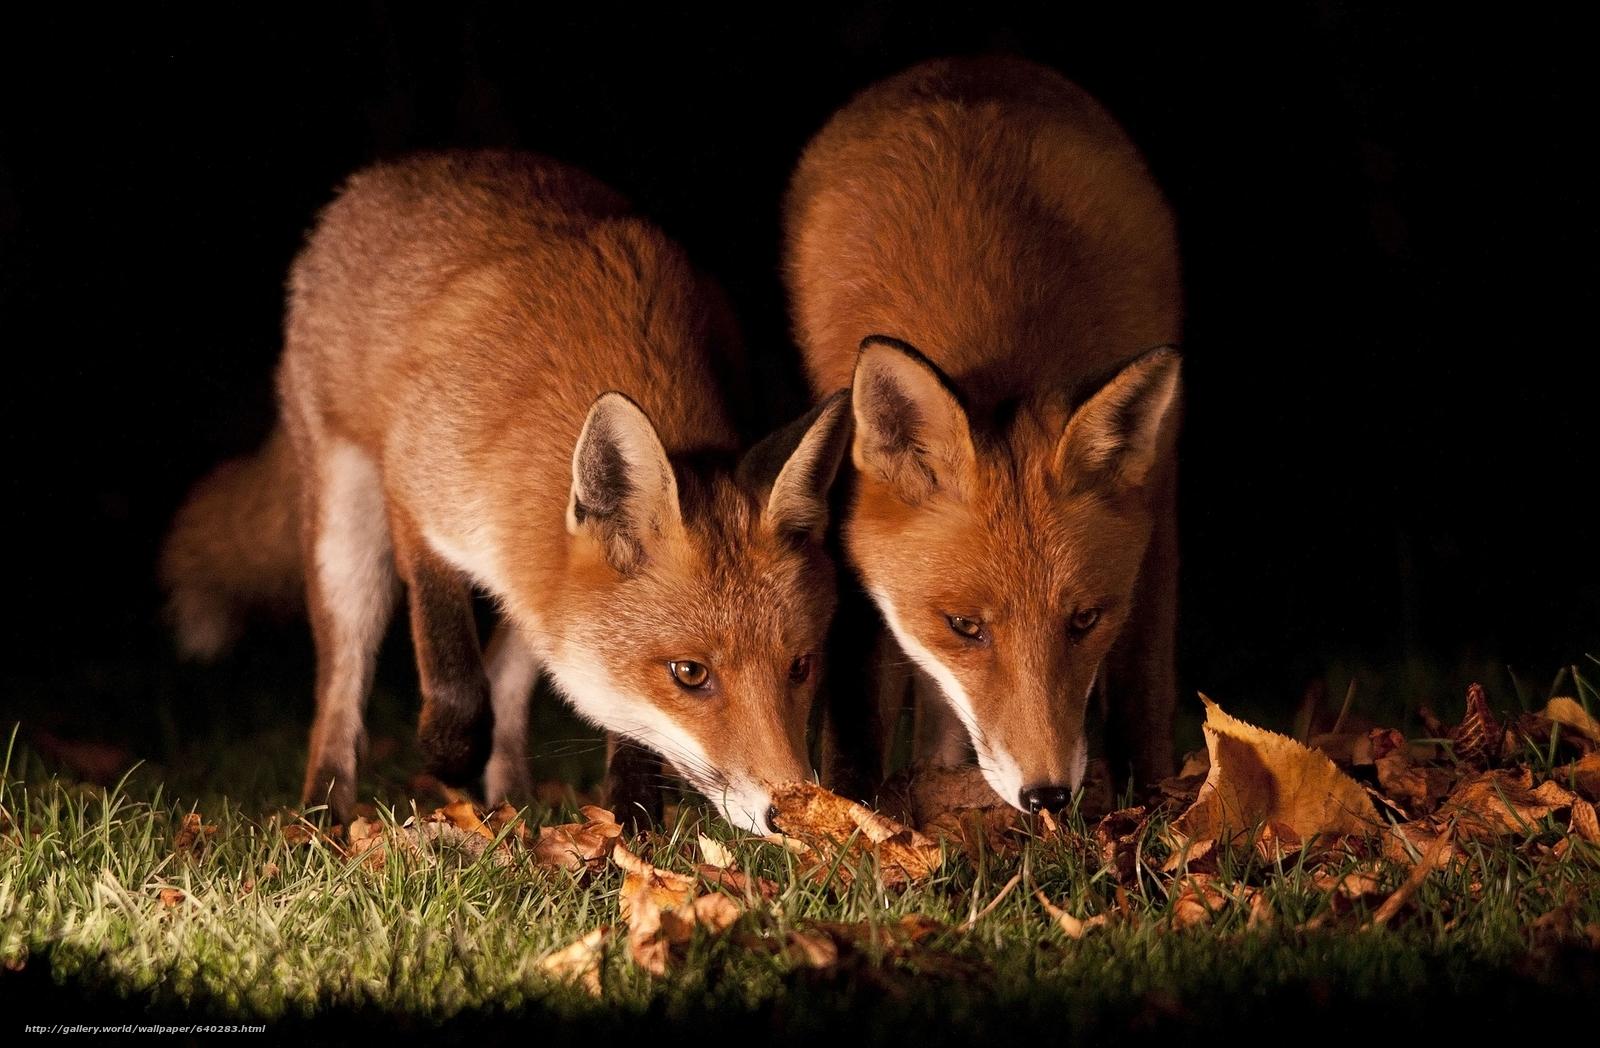 Скачать обои лиса,  лисица,  животное бесплатно для рабочего стола в разрешении 2048x1341 — картинка №640283